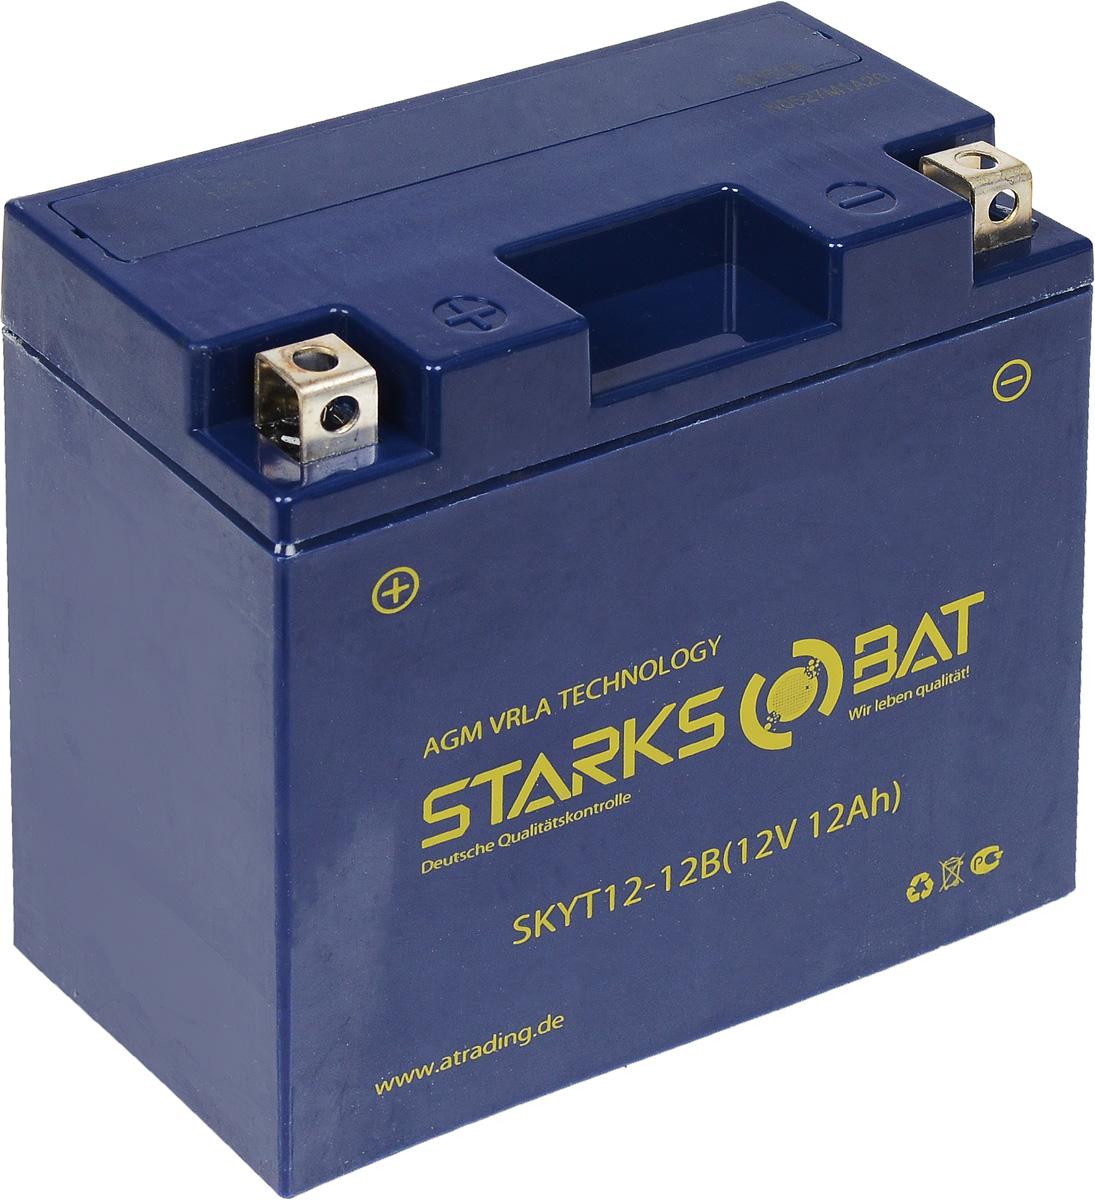 Батарея аккумуляторная для мотоциклов Starksbat. YT 12-12B (YT14B-BS)YT 12-12BАккумулятор Starksbat изготовлен по технологии AGM, обеспечивающей повышенный уровень безопасности батареи и удобство ее эксплуатации. Корпус выполнен из особо ударопрочного и морозостойкого полипропилена. Аккумулятор блестяще доказал свои высокие эксплуатационные свойства в самых экстремальных условиях бездорожья, высоких и низких температур.Аккумуляторная батарея Starksbat производится под знаменитым немецким контролем качества, что обеспечивает ему высокие пусковые характеристики и восстановление емкости даже после глубокого разряда.Напряжение: 12 В.Емкость: 12 Ач.Полярность: прямая (+ -).Ток холодной прокрутки: 160 Аh (EN).